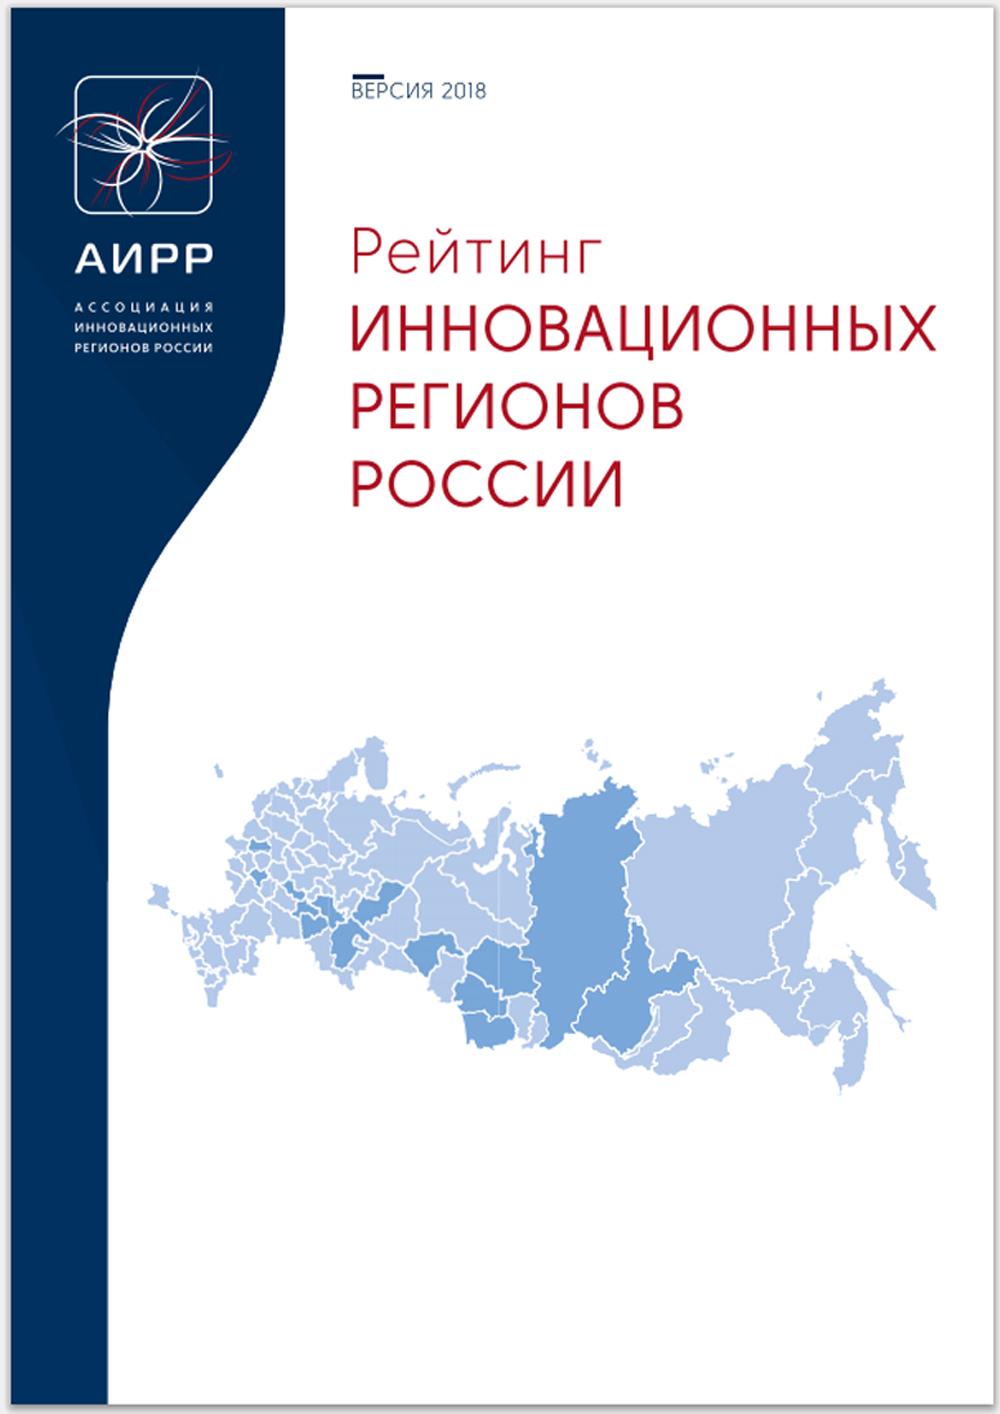 Рейтинг инновационных регионов России 2018